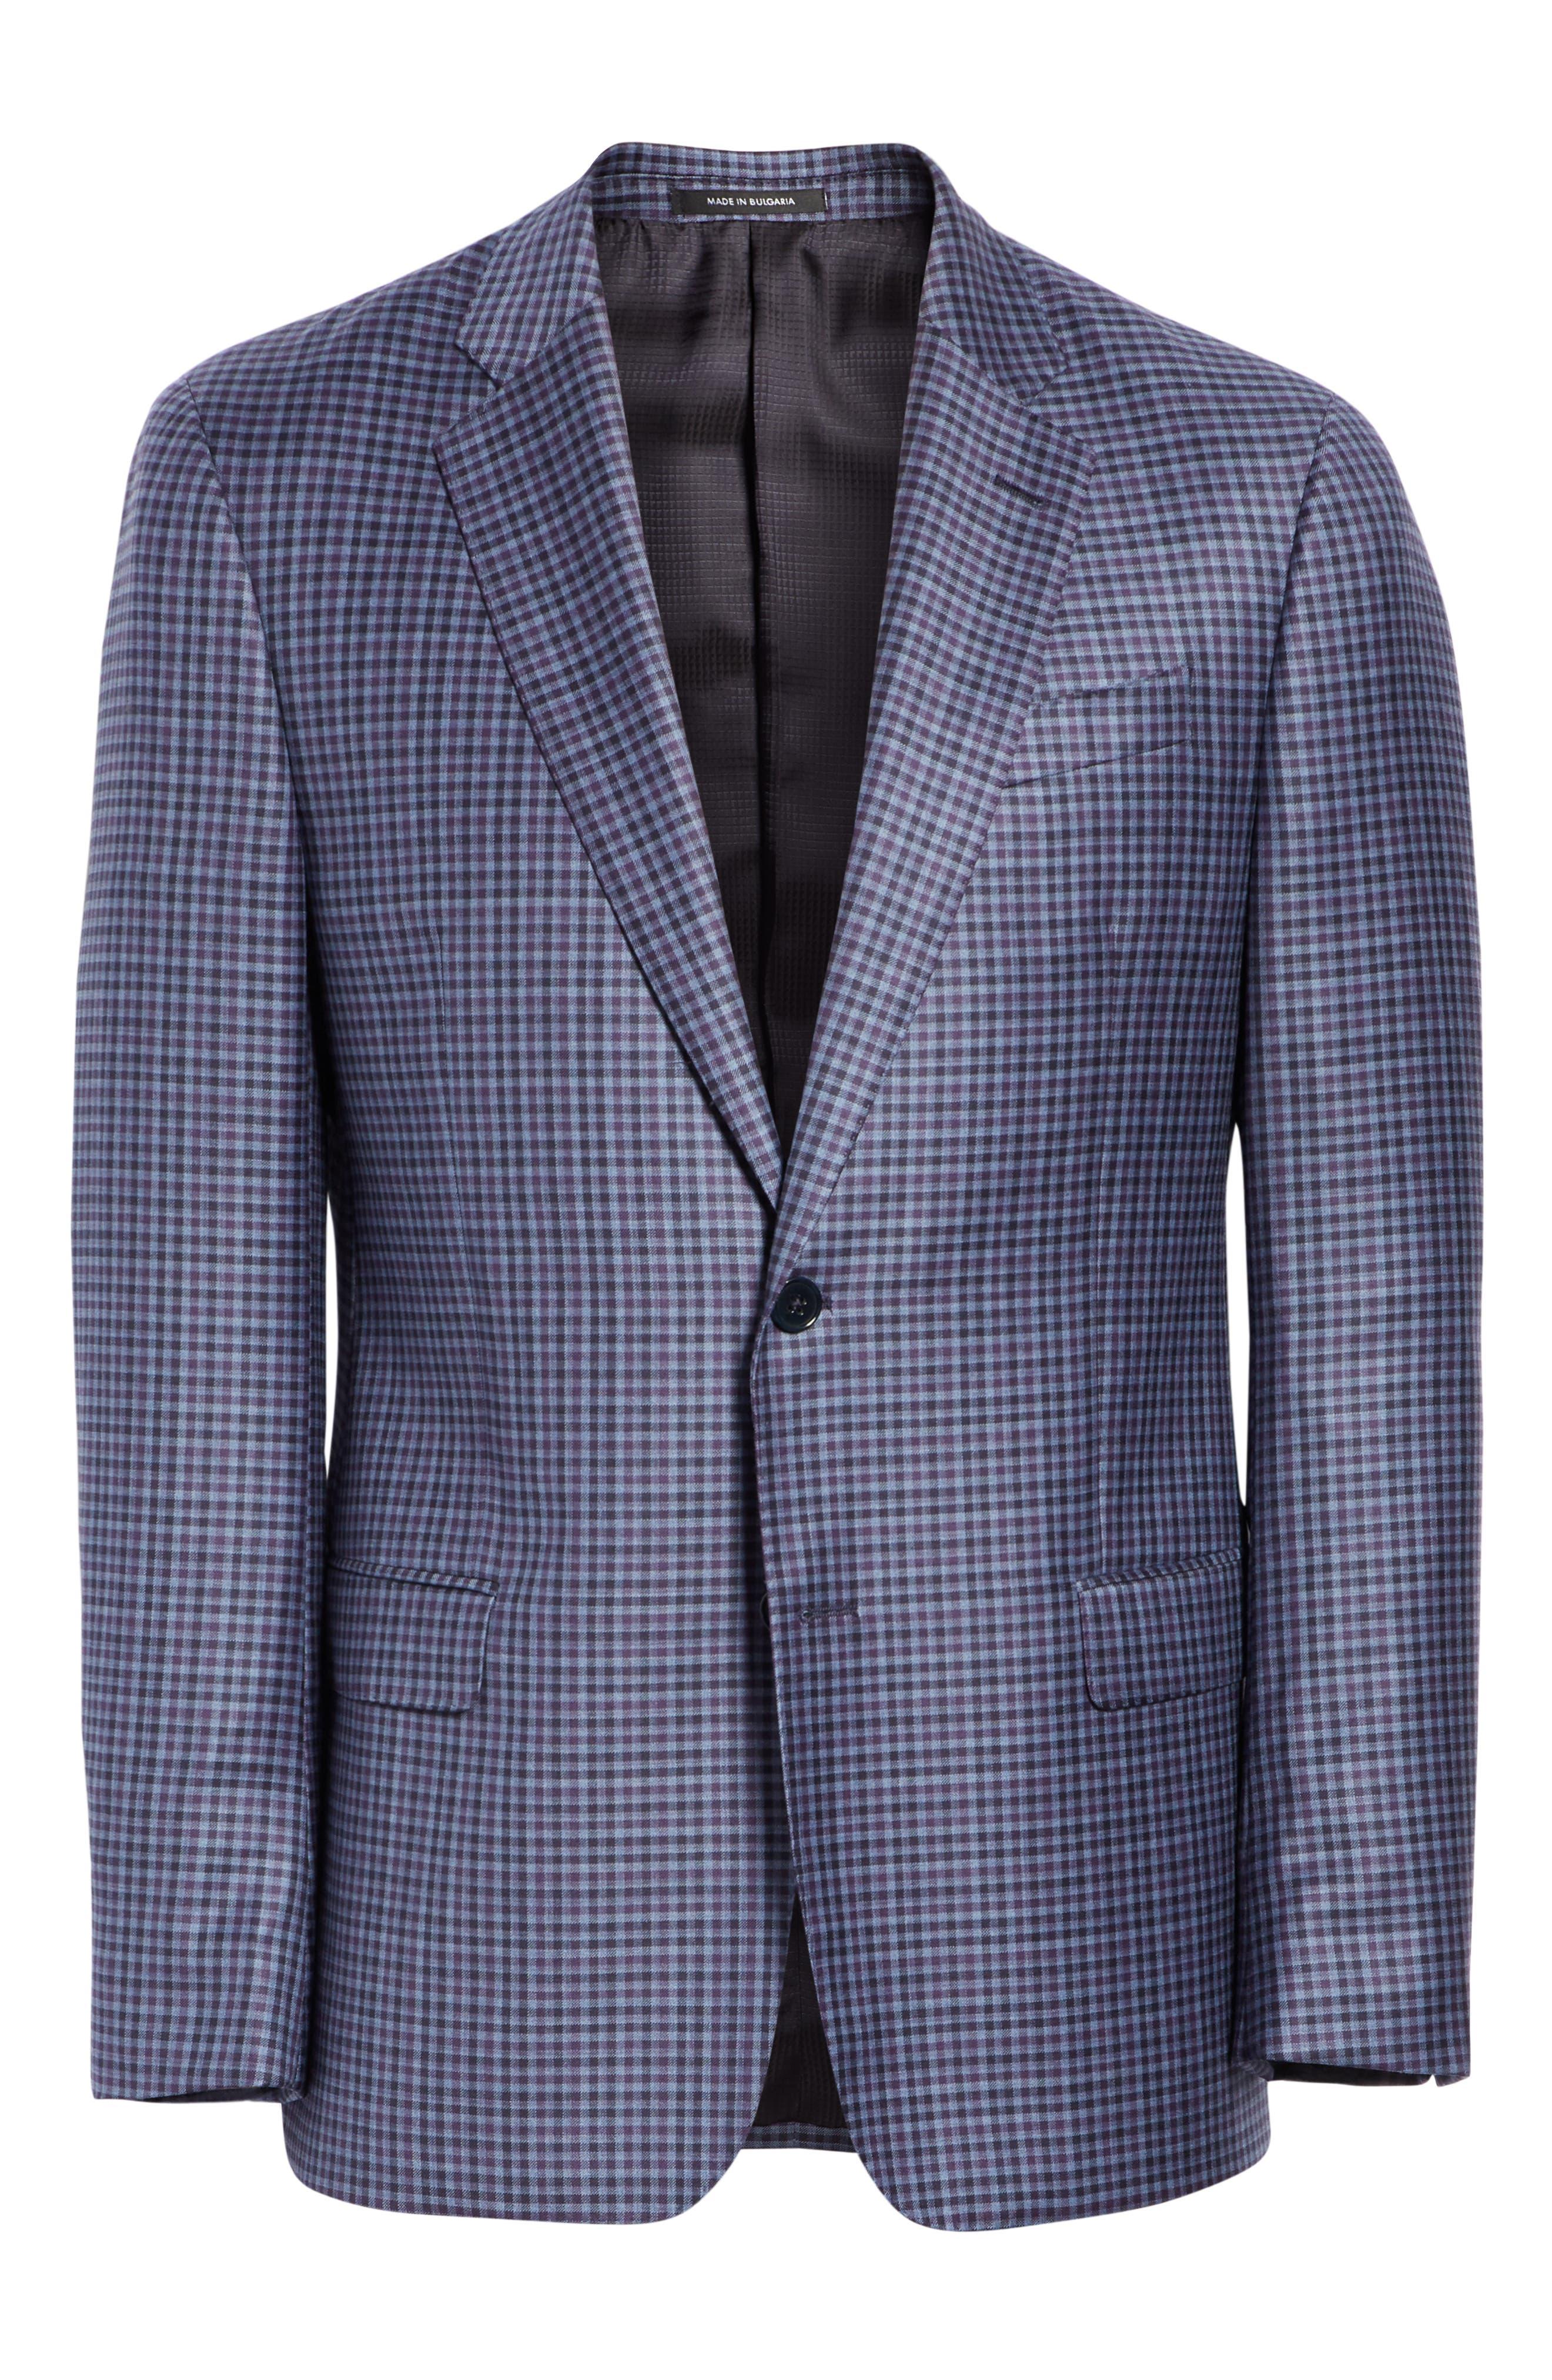 G Line Trim Fit Check Wool Sport Coat,                             Alternate thumbnail 5, color,                             PURPLE